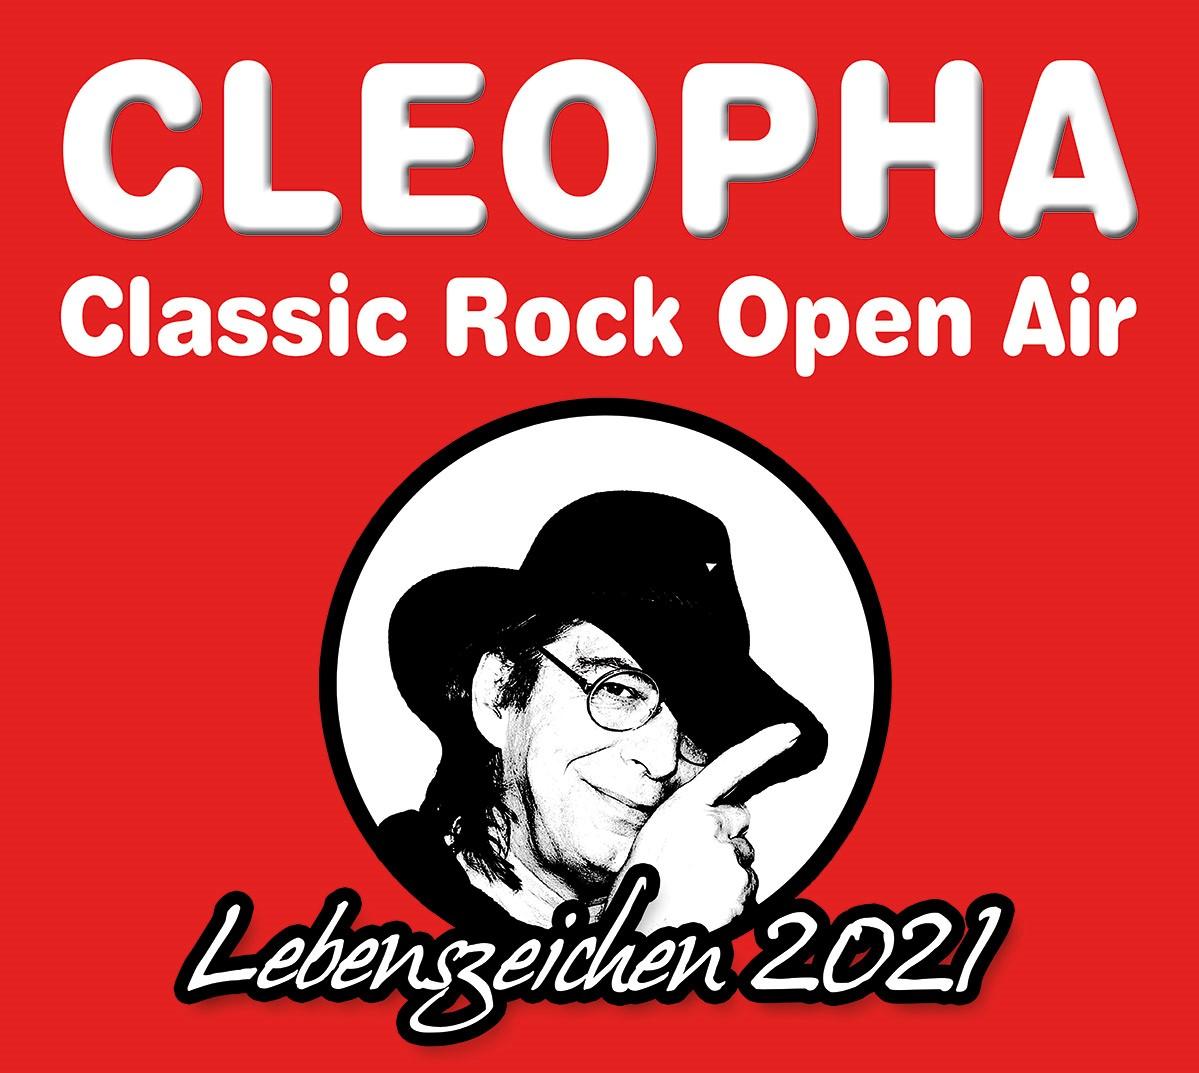 Cleopha Open Air 4 Nächte im August !